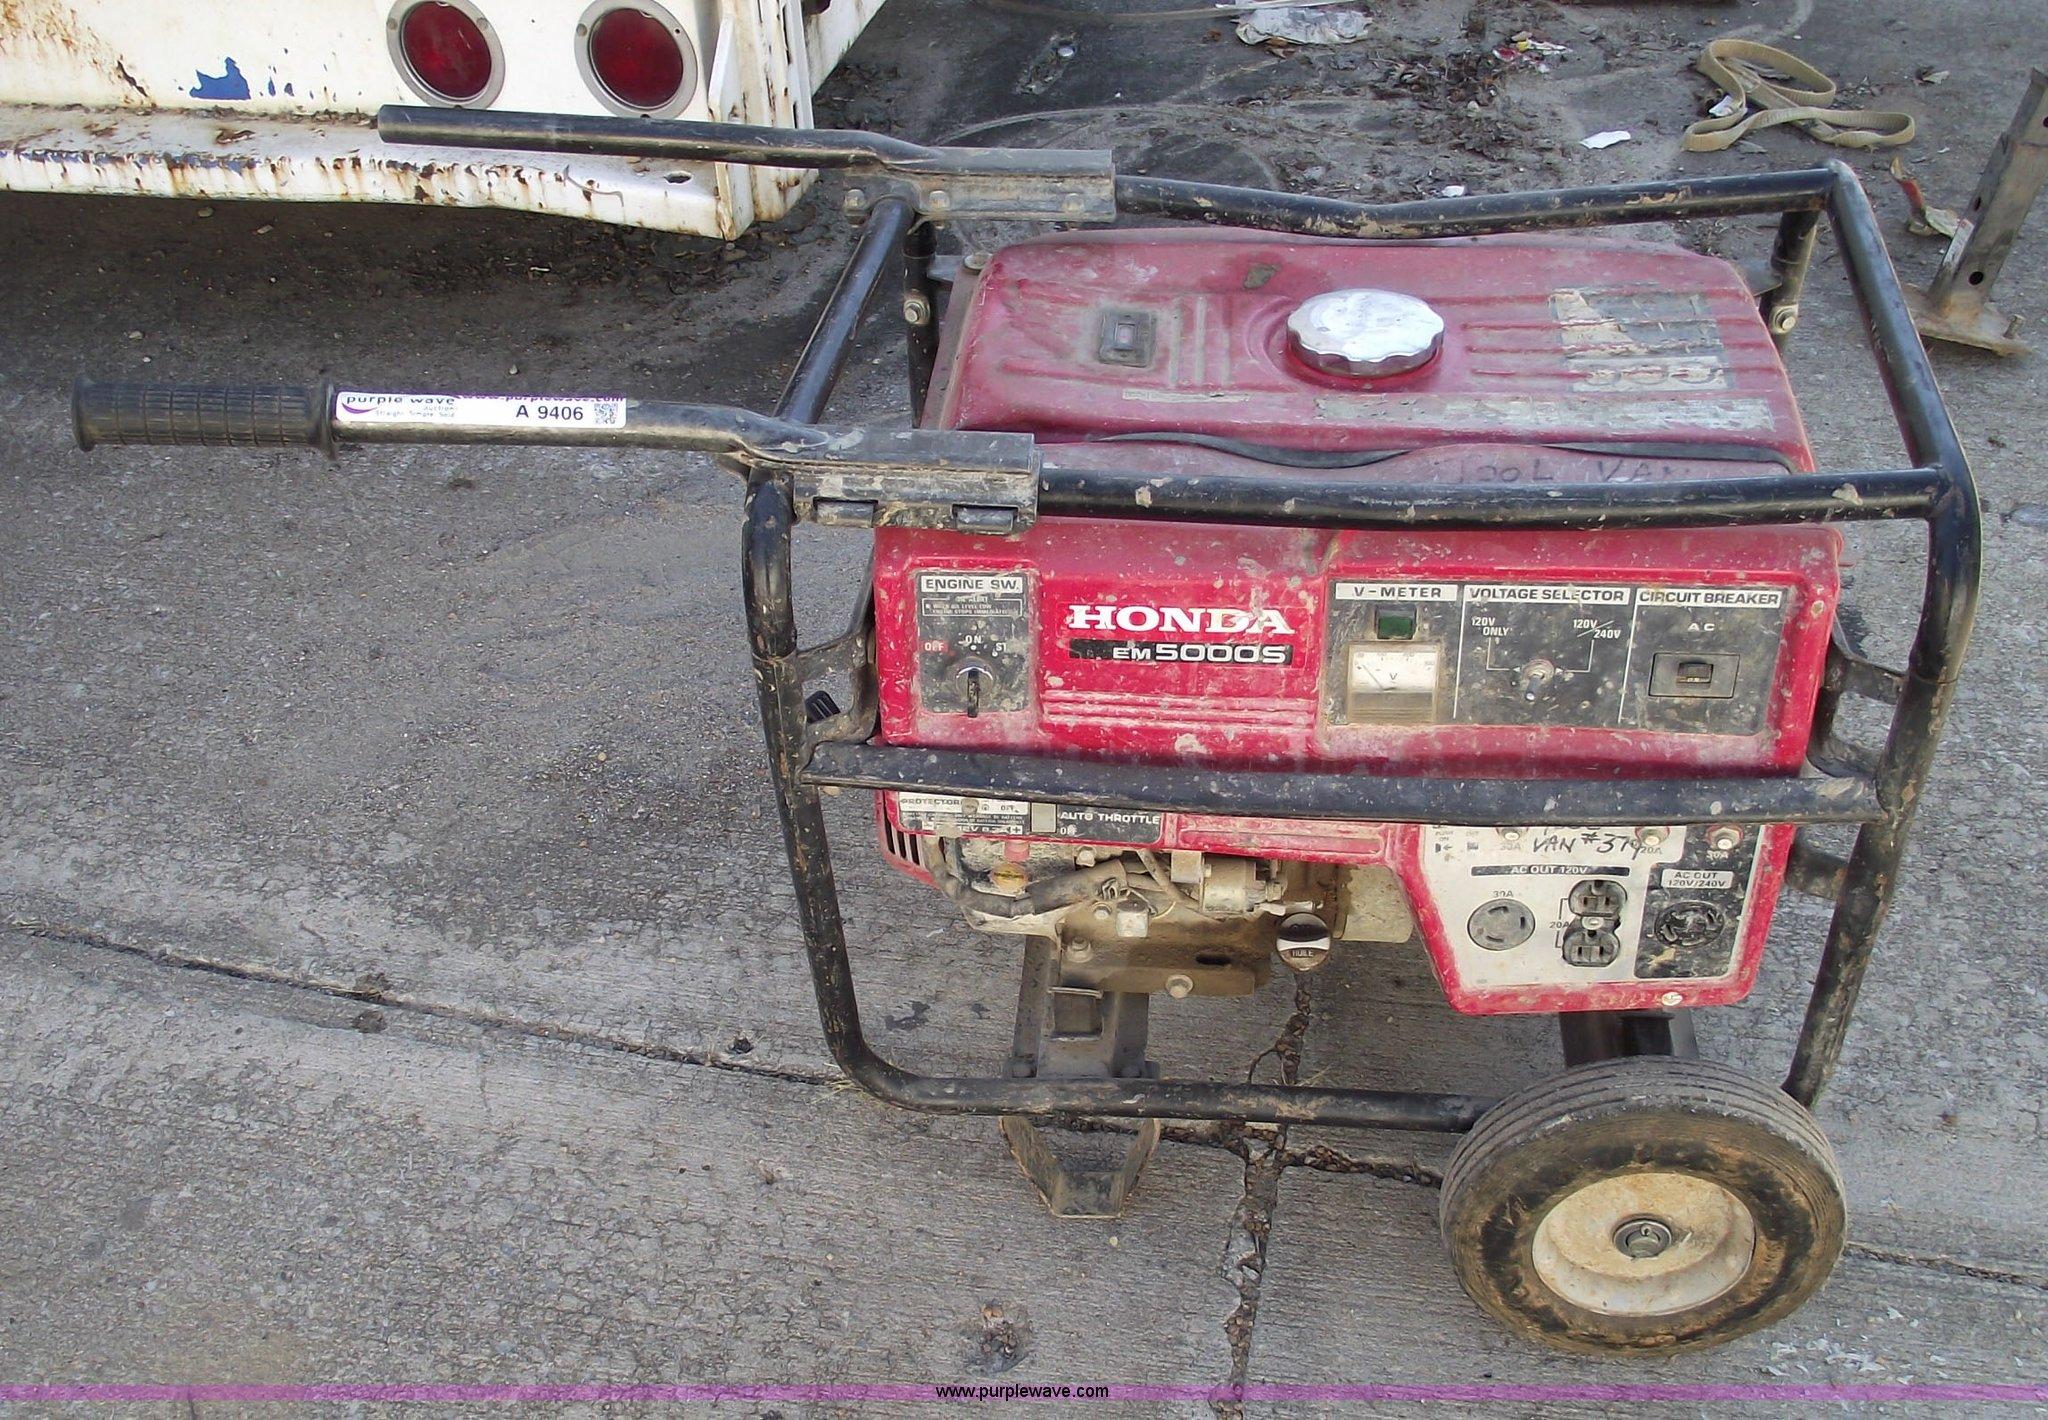 Honda EM5000S generator Item A9406